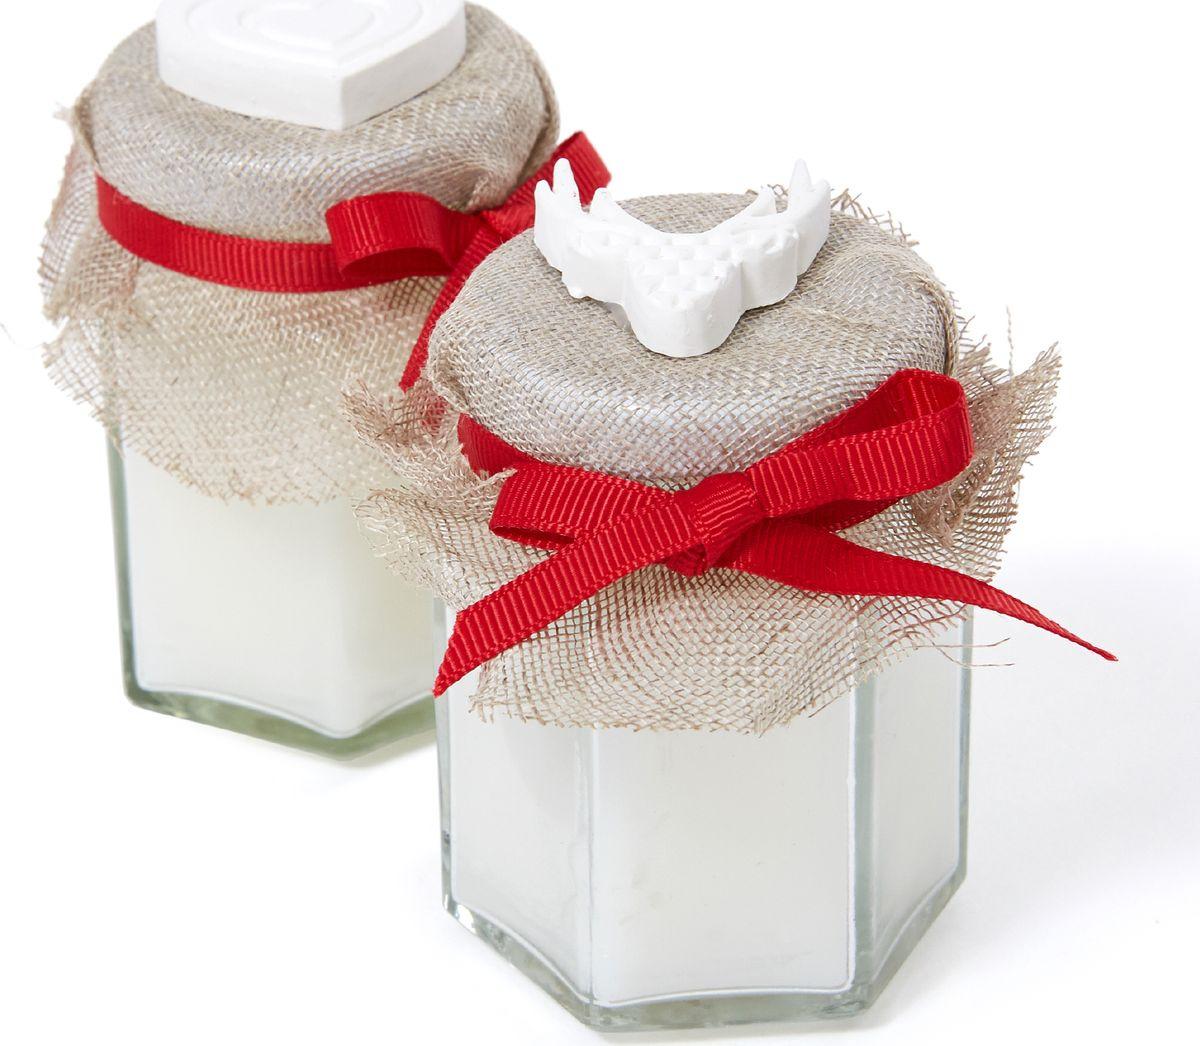 Свеча декоративная Cozy Home Alencon, 539748, красный, 6 х 6 х 8 см свеча декоративная арти м 6x7 см christmas time 348 438